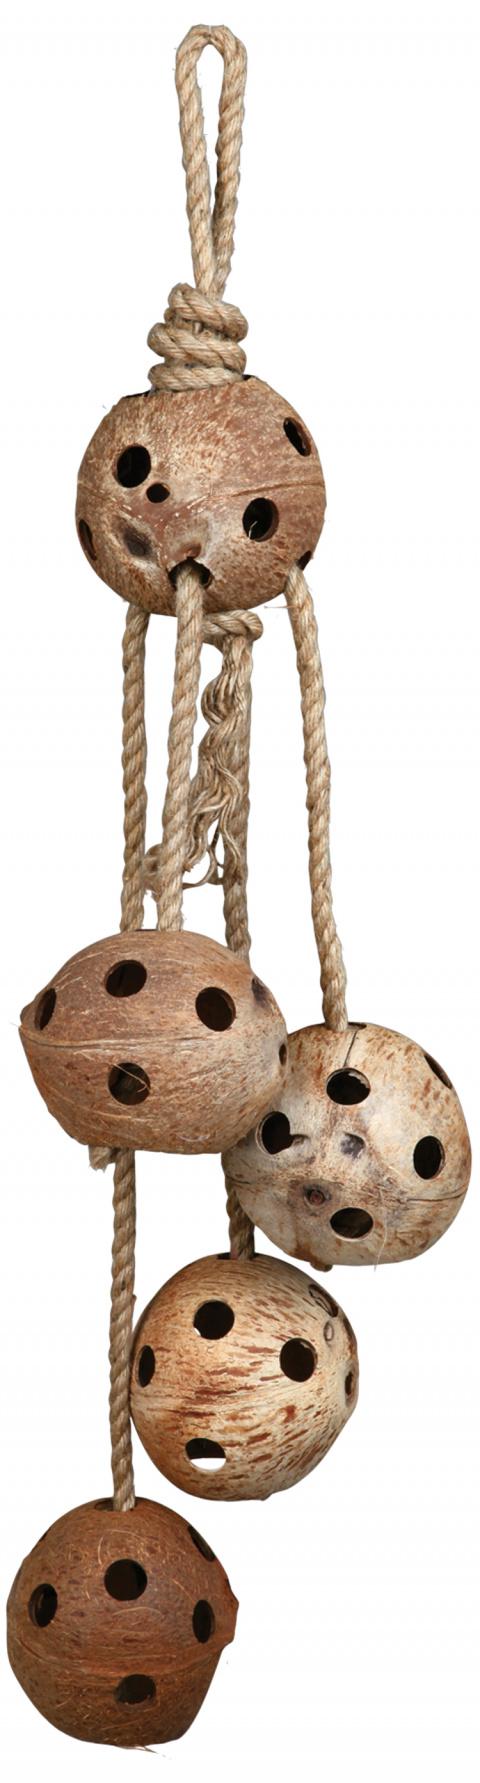 Hračka pro ptáky kokosy na provazu Trixie 72cm